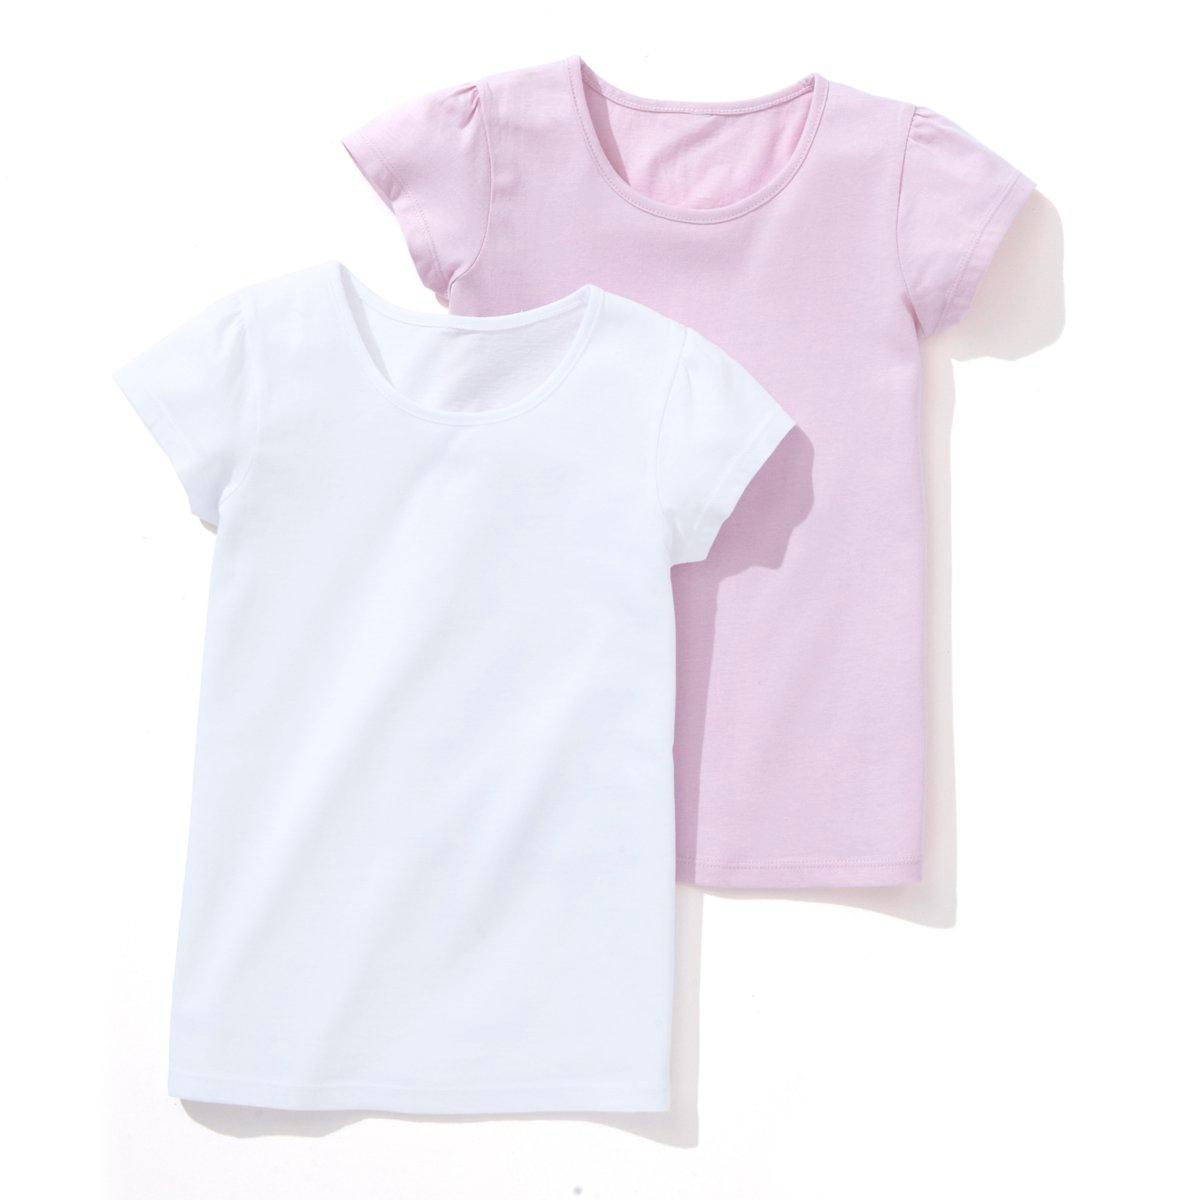 Комплект из 2 однотонных футболок на 3-12 летКомплект из 2 футболок с короткими рукавами. Круглый вырез. Сборки на плечах.  Состав и описание : Материал: джерси, 100% хлопок (кроме цвета серый меланж : 95% хлопка, 5% вискозы) Марка: R ?dition Уход: :Машинная стирка при 40 °С с вещами схожих цветов.Стирать, сушить и гладить с изнаночной стороны.Машинная сушка на обычном режиме.Гладить при средней температуре..<br><br>Цвет: белый + светло-розовый,белый + ярко-синий<br>Размер: 4 года - 102 см.18 мес. - 81 см.5 лет - 108 см.12 лет -150 см.6 лет - 114 см